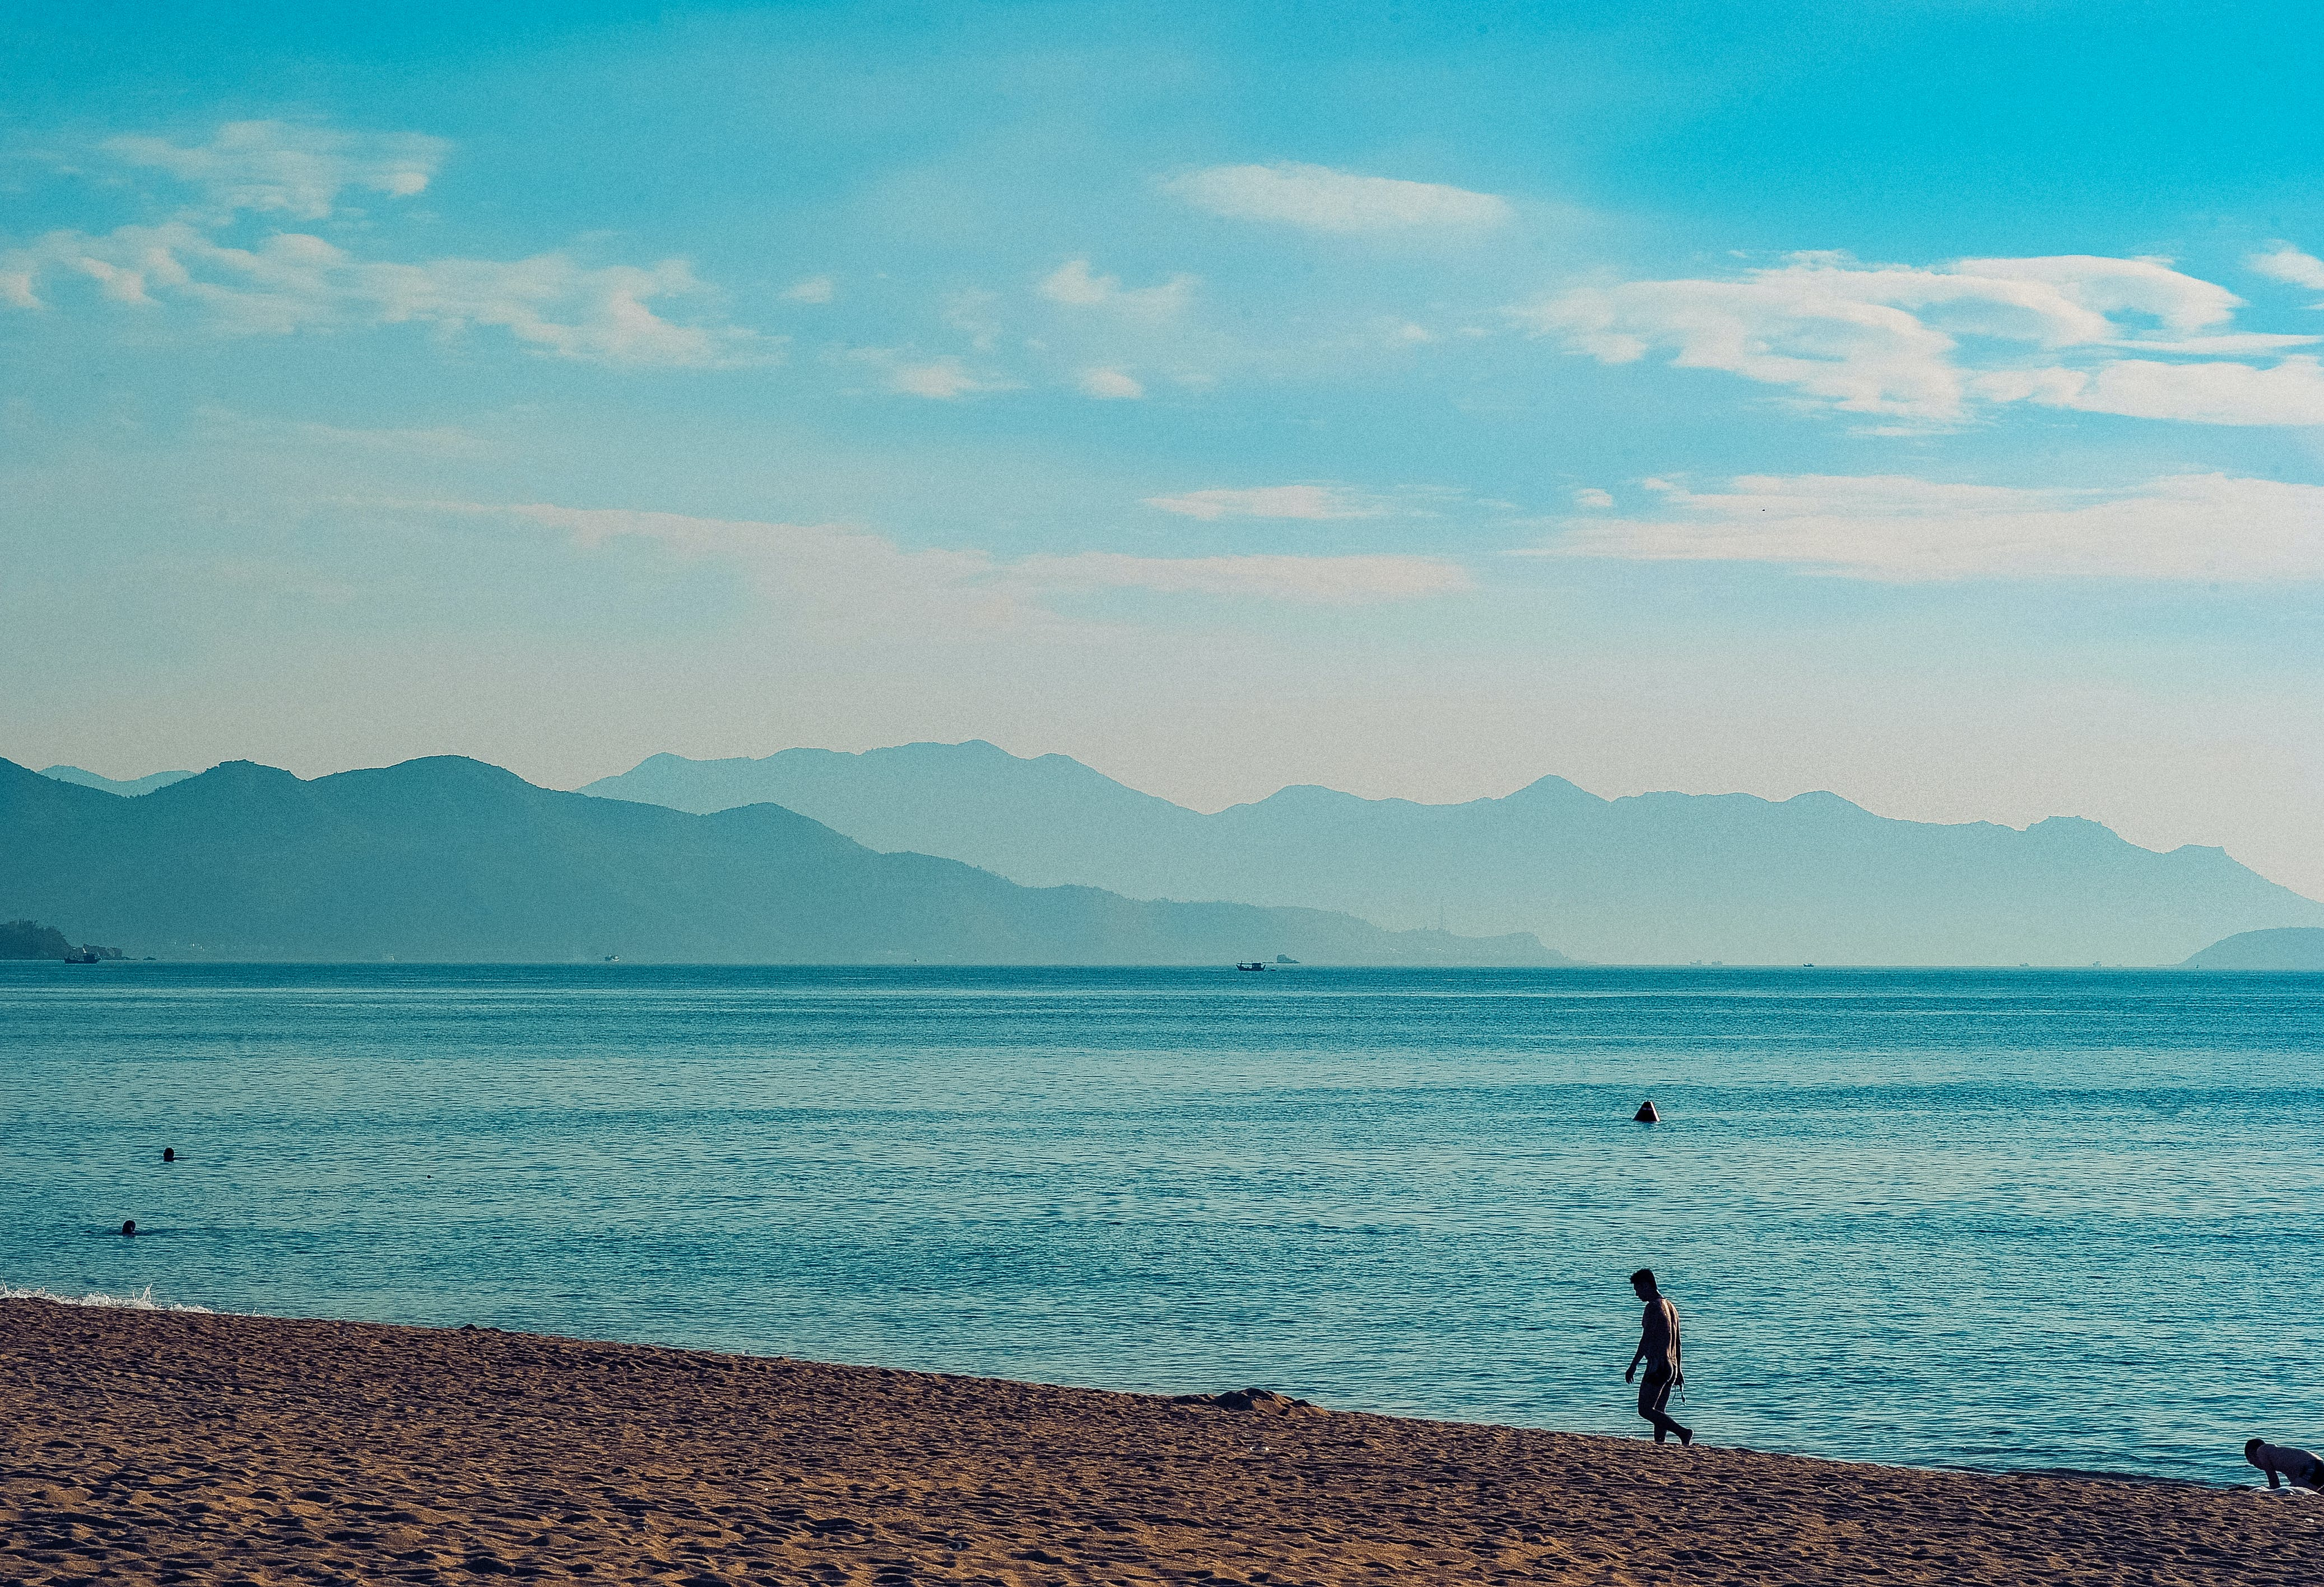 Scenic View Of Ocean